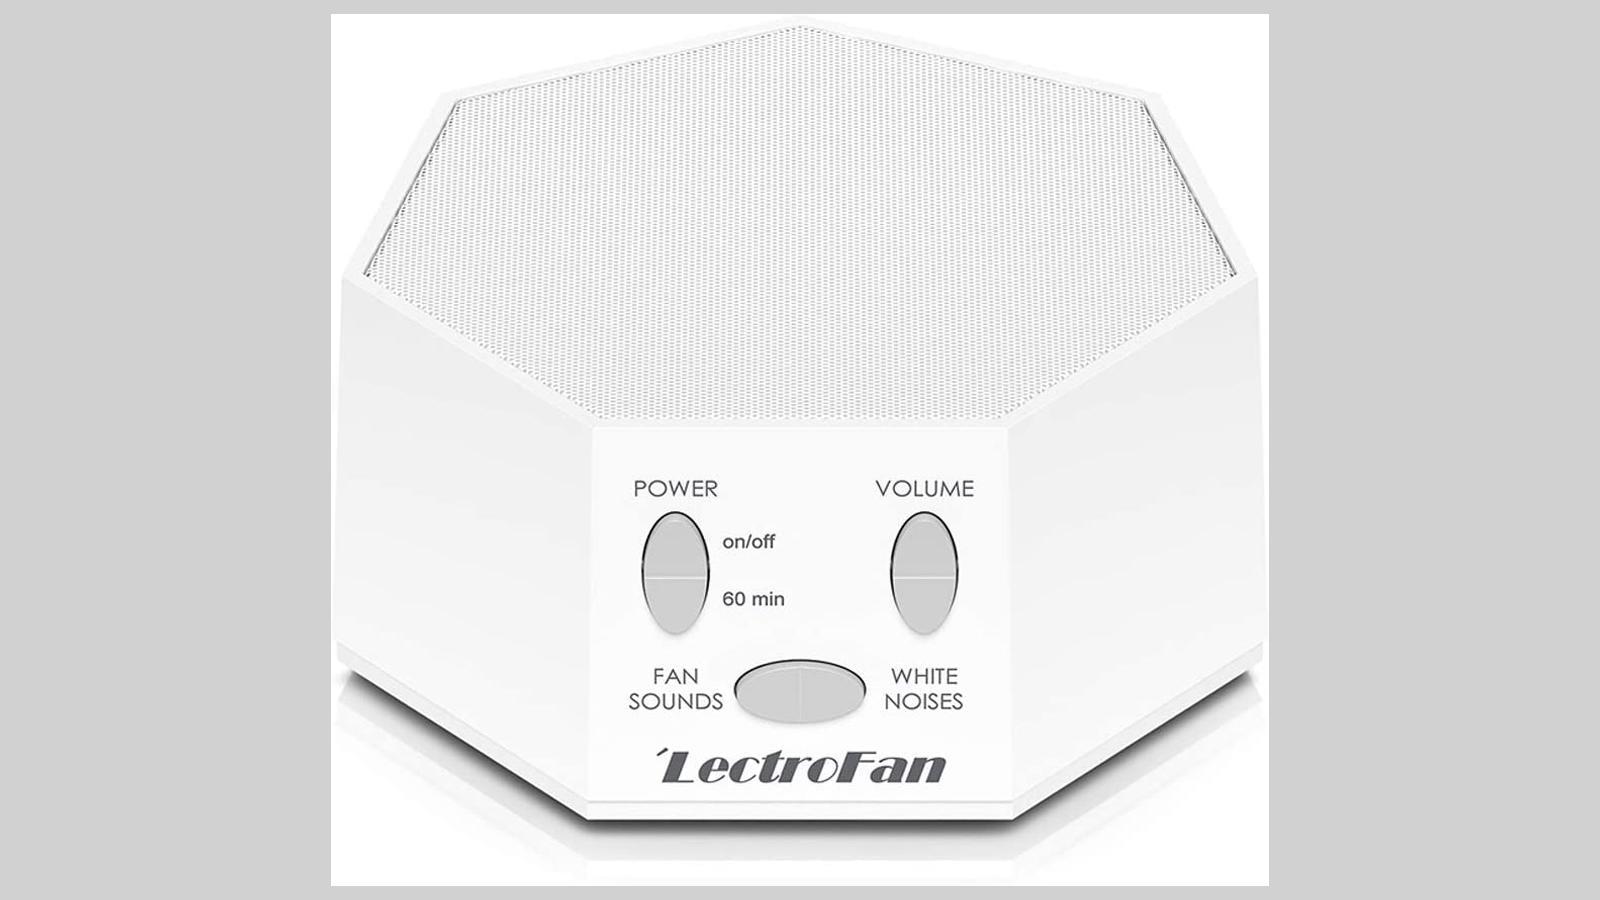 تقنية الصوت التكيفي LectroFan